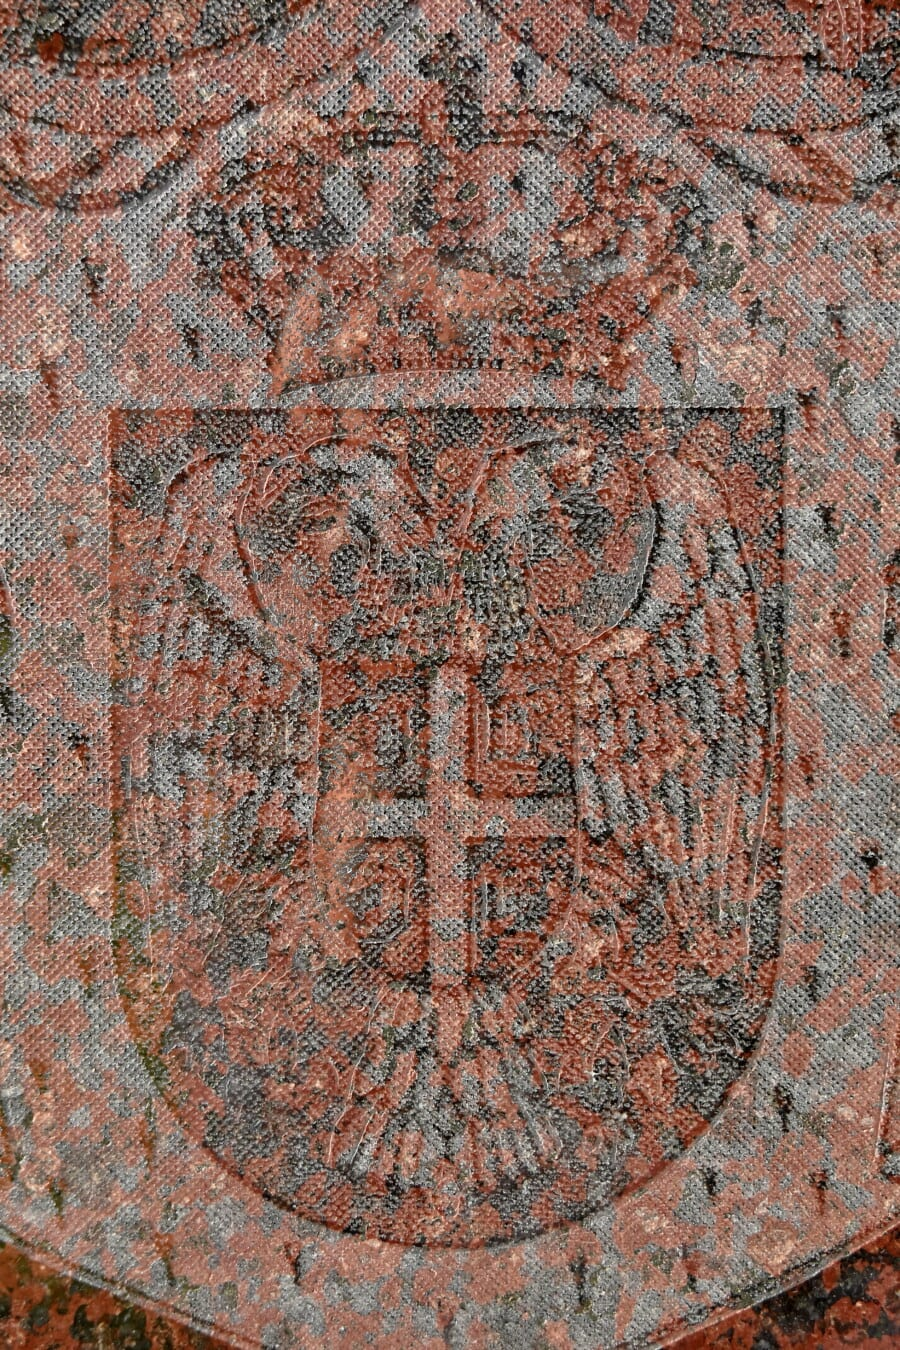 Heraldik, Königreich, Demokratie, Zeichen, Demokratische Republik, Serbien, Republik, Symbol, Erbe, Kultur